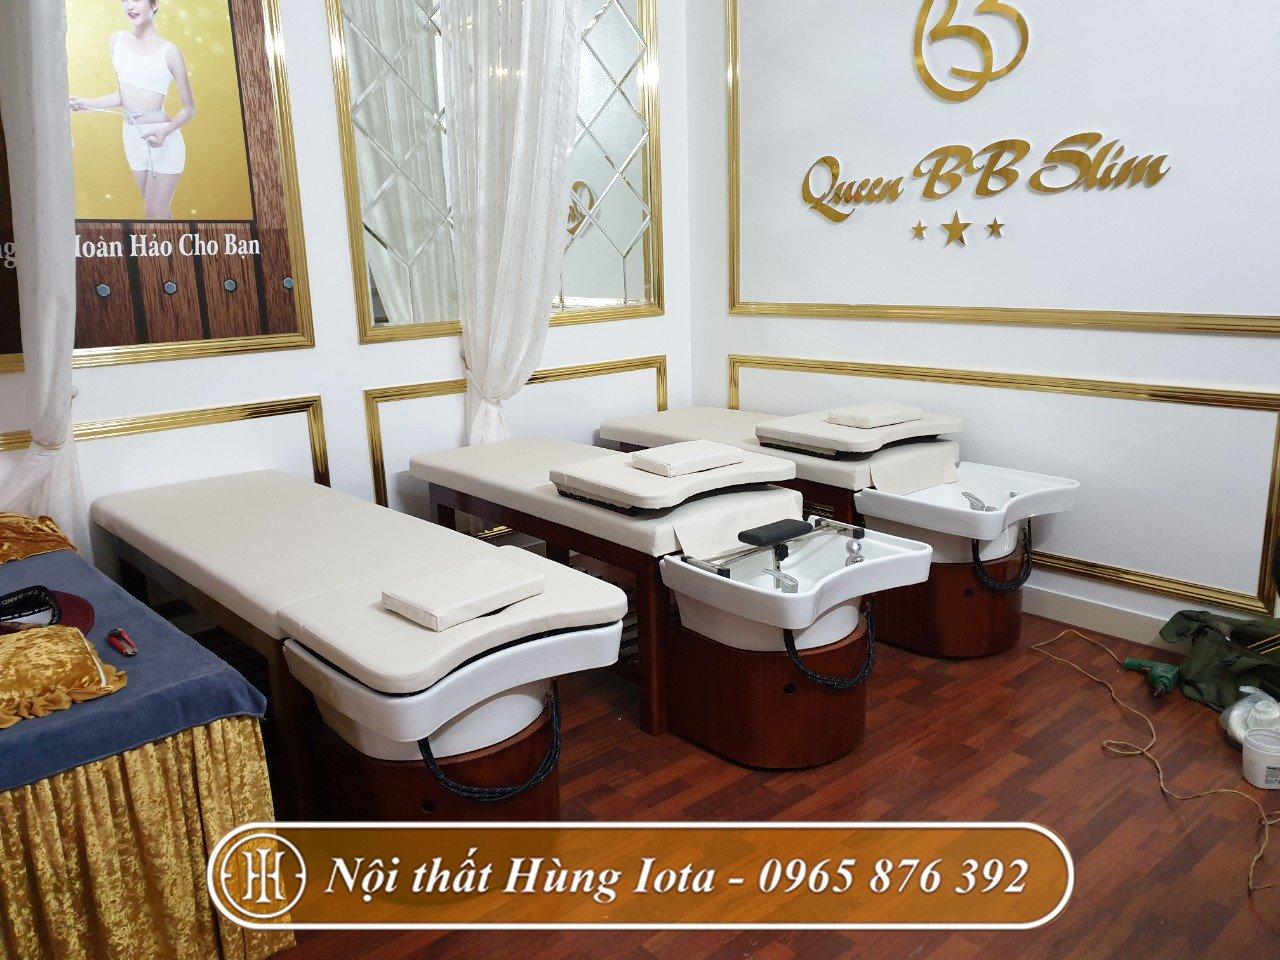 Giường gội đầu 2 trong 1 tại Bắc Ninh